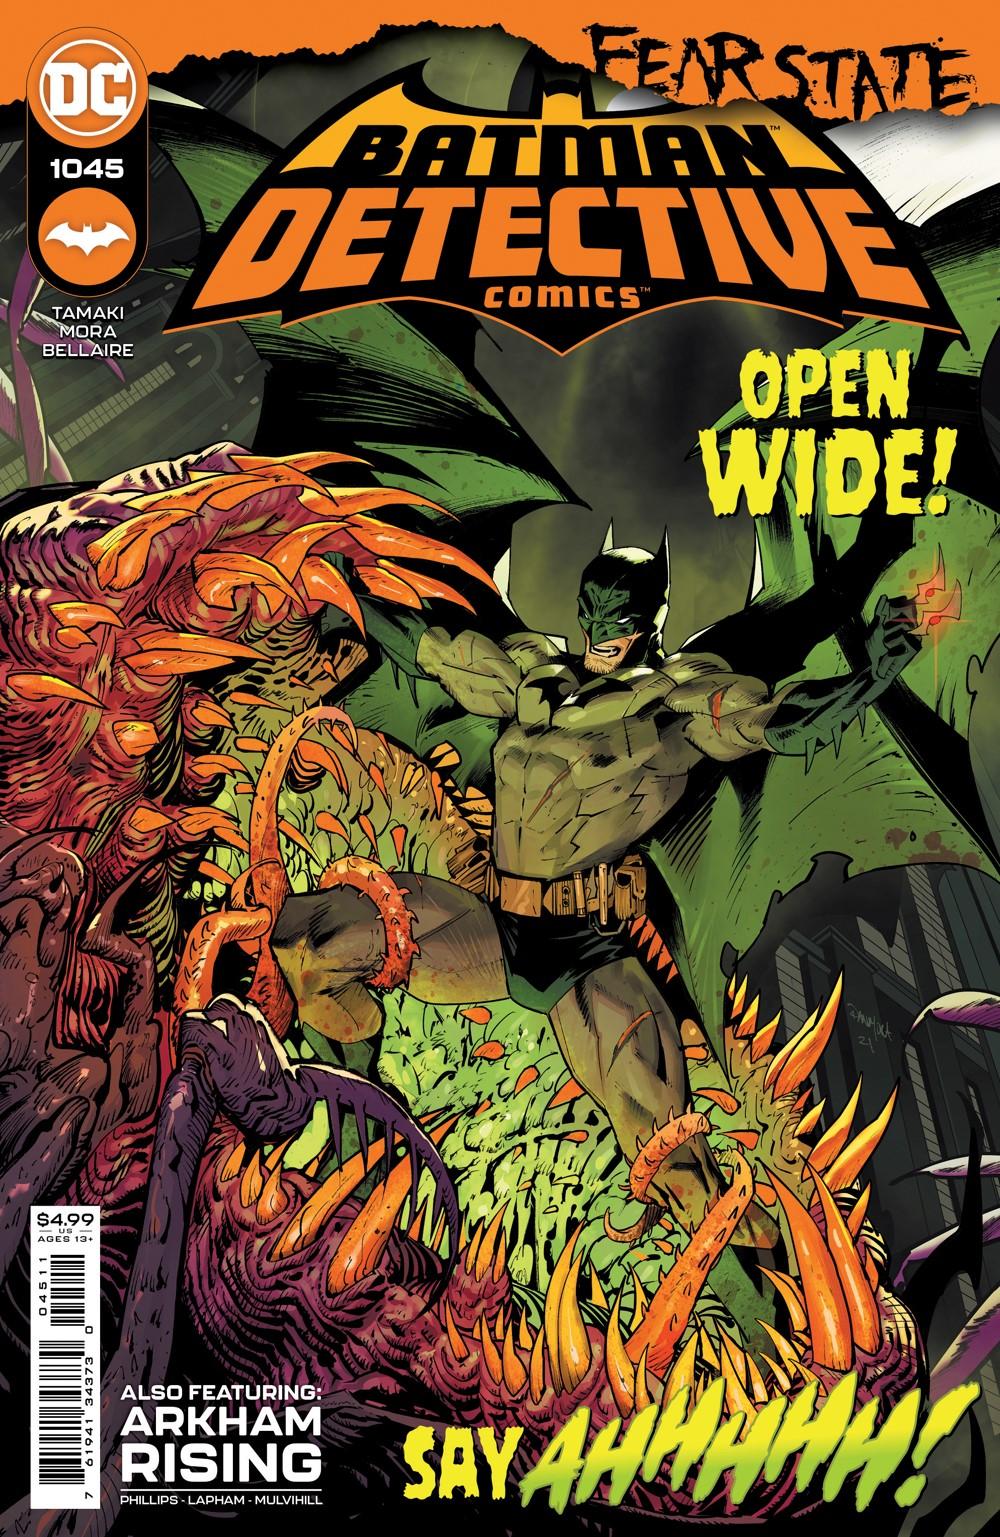 DTC_Cv1045 DC Comics November 2021 Solicitations